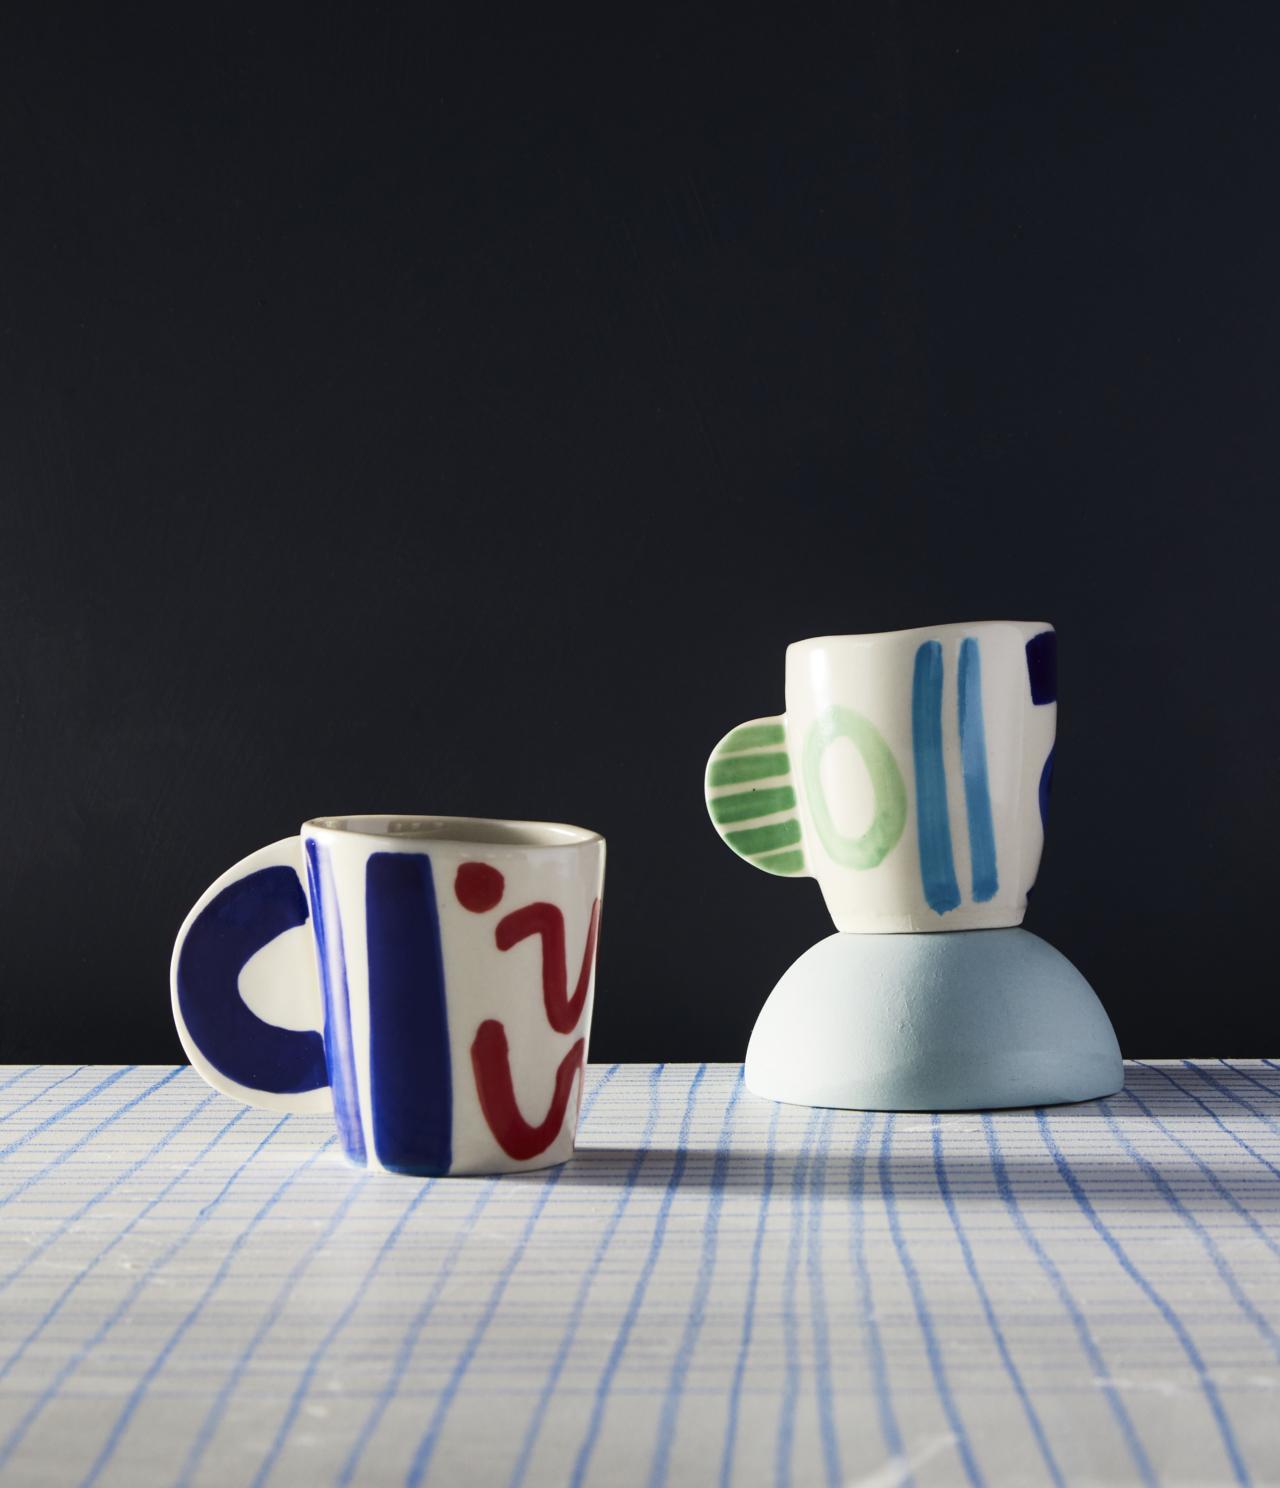 Kaz-morton-mugs-1280x1488.jpg